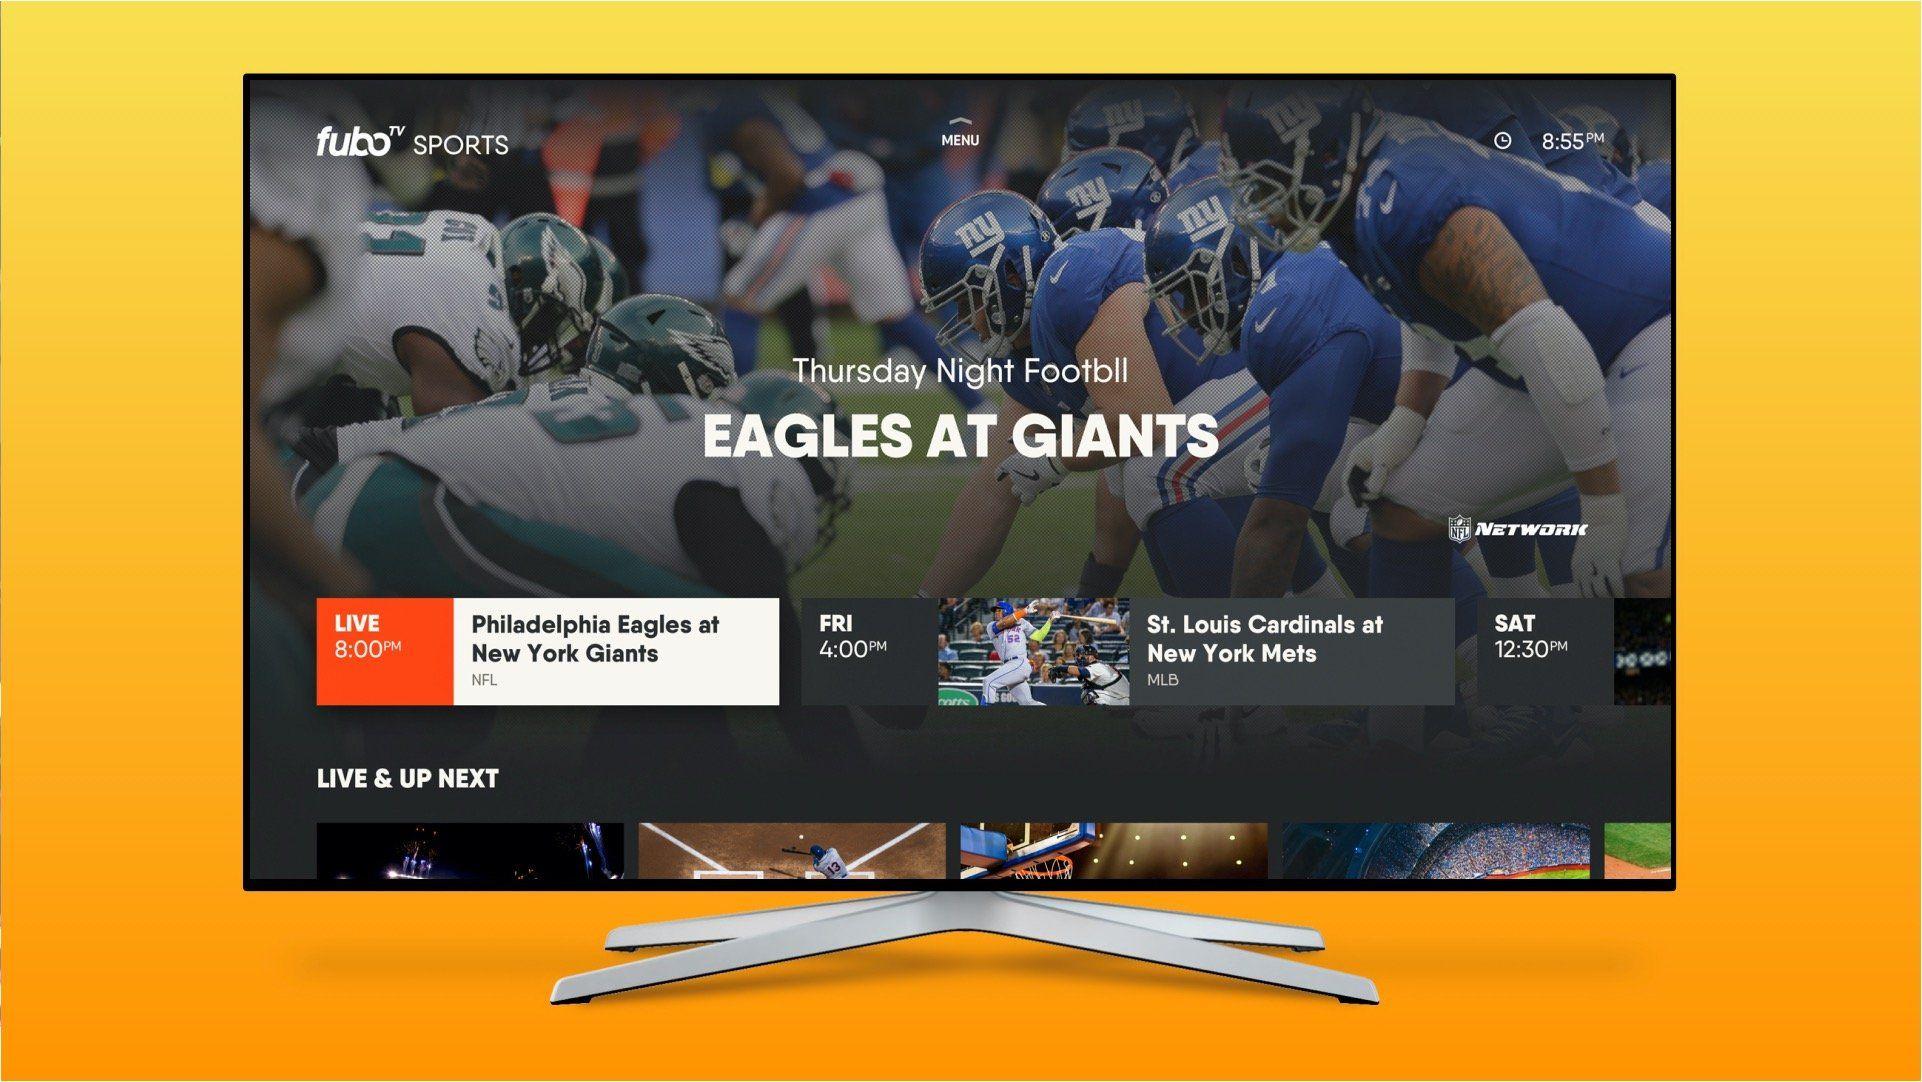 0781cce085e949b794933e1c9ecd67a8 - How To Get Sling Tv On Samsung Smart Tv